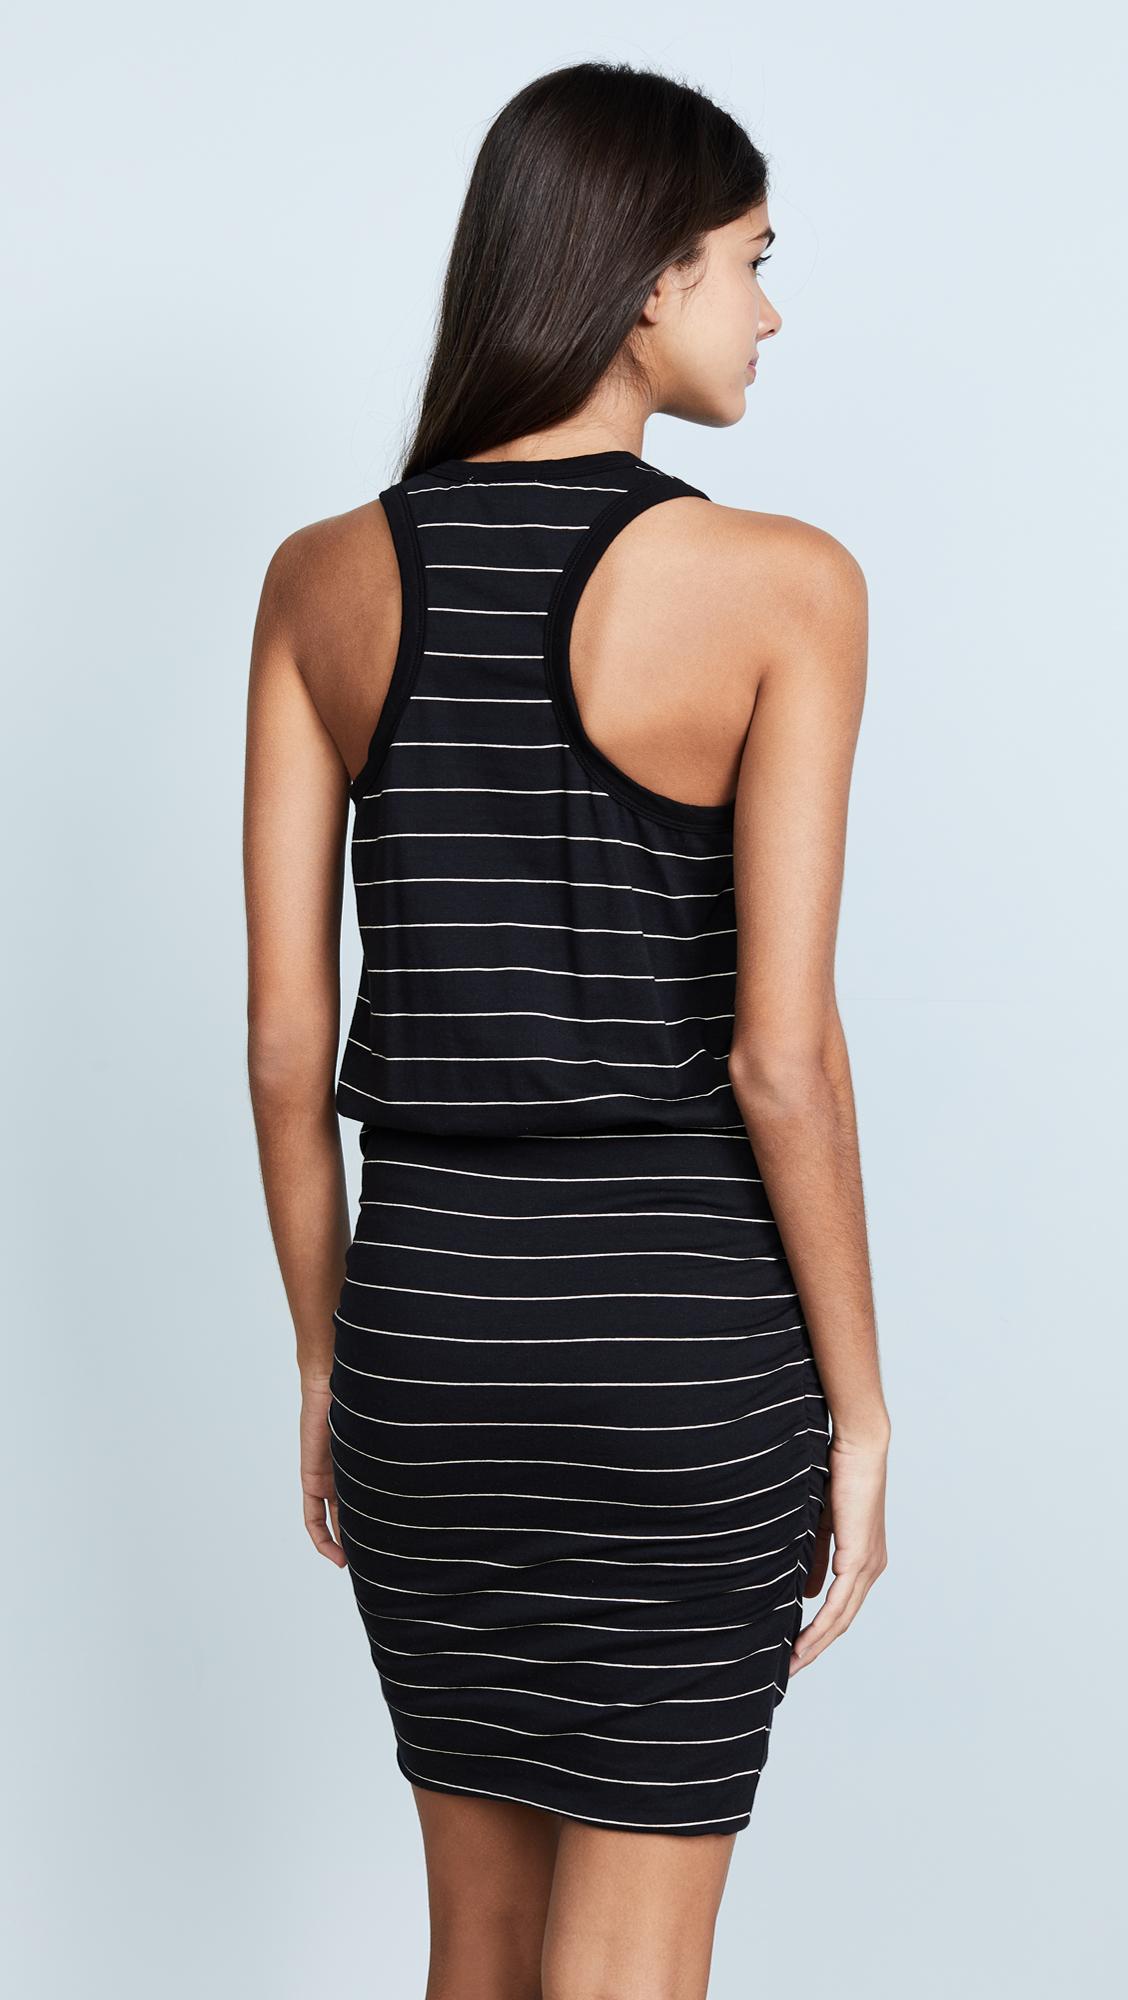 9d1aed3efabf1 SUNDRY Sleeveless Dress